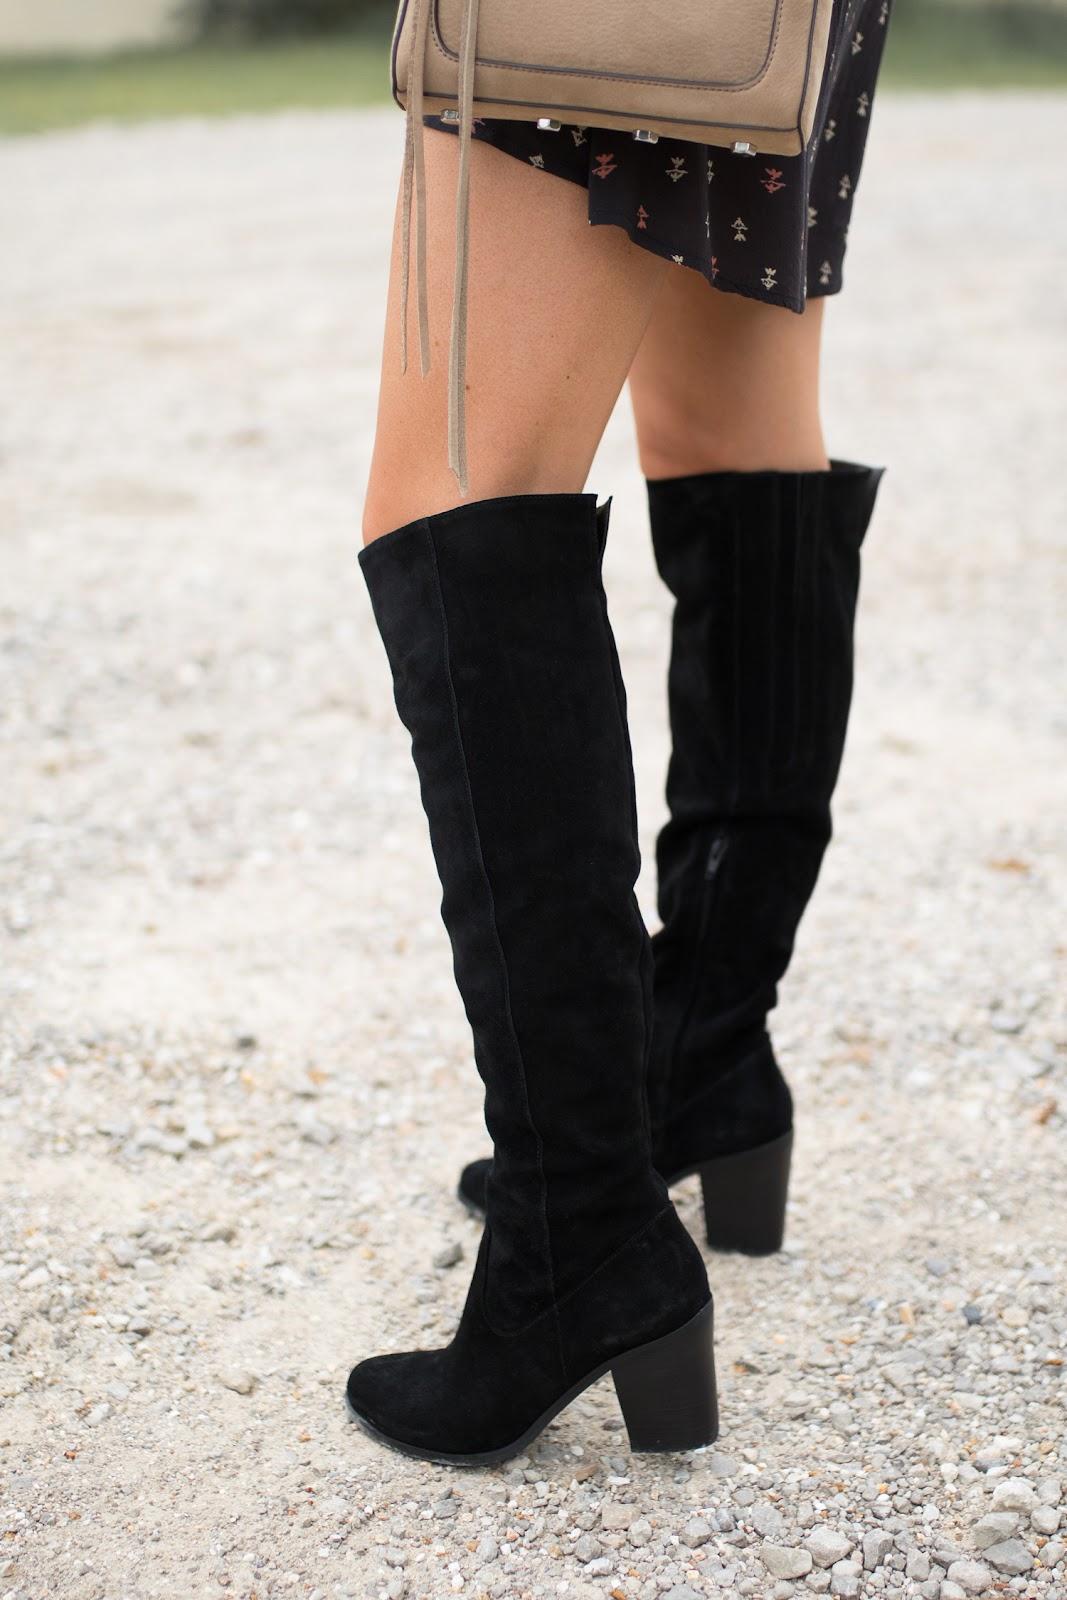 Steve Madden 'Eternul' boots